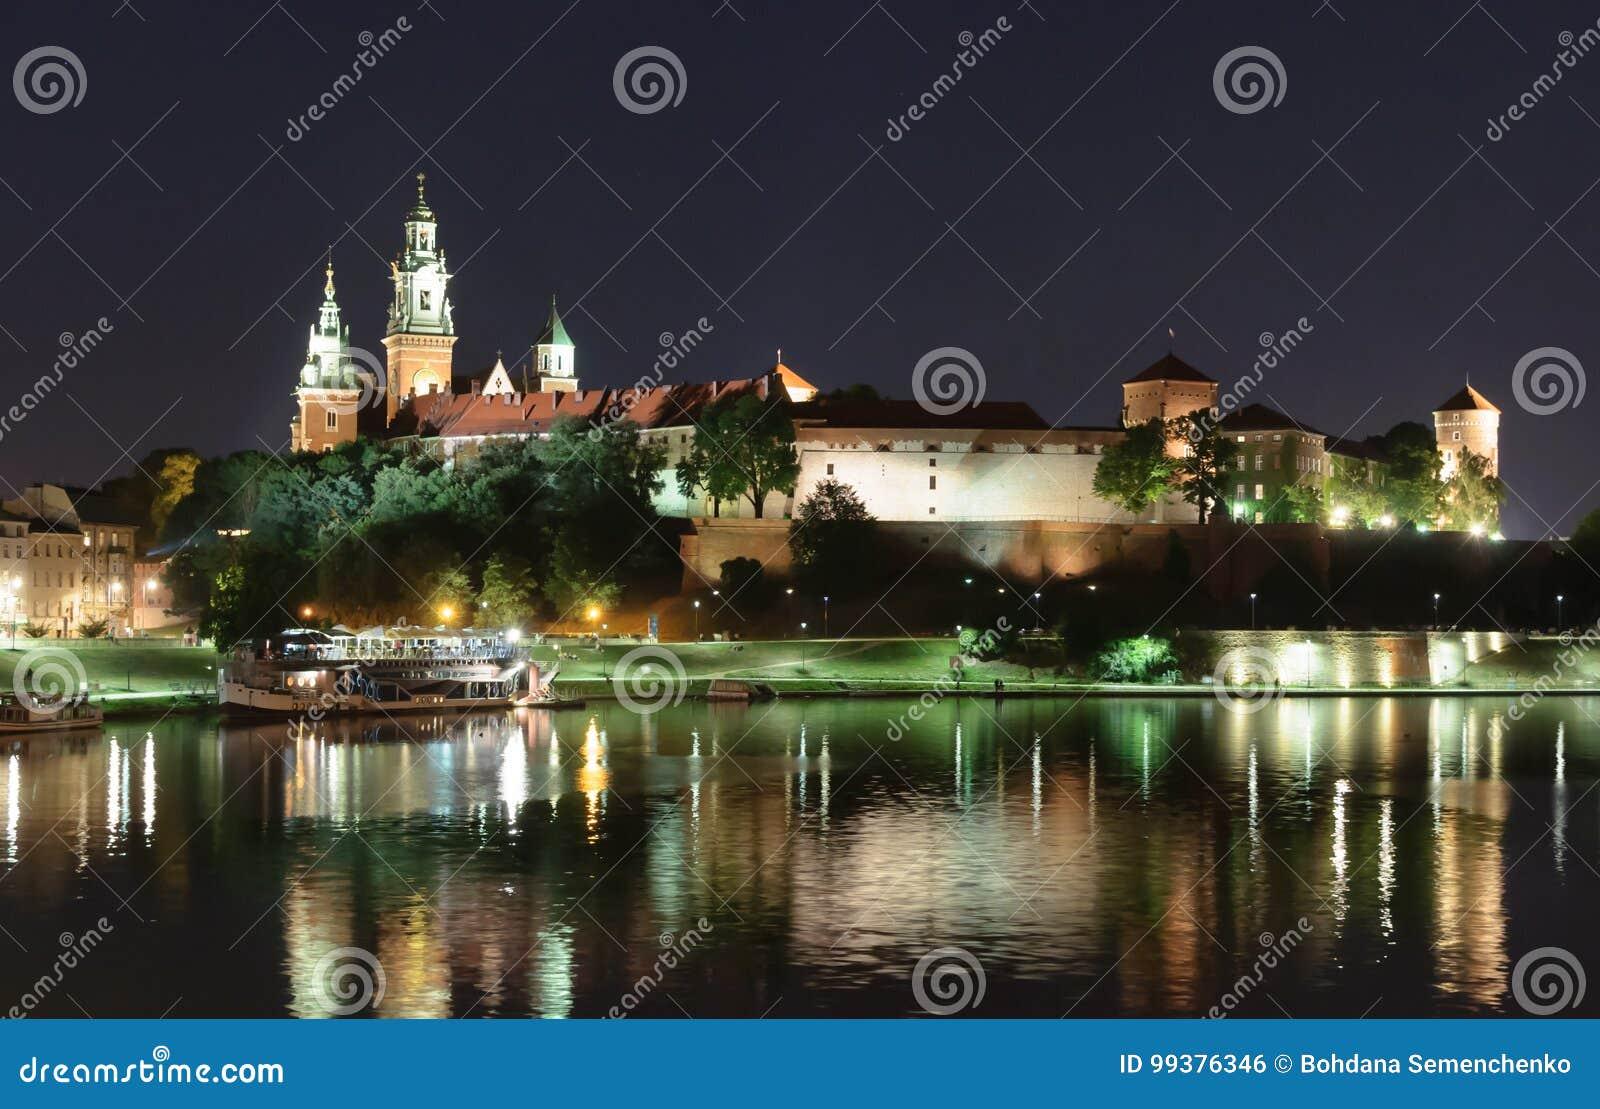 Notte Wawel - castello reale sopra la Vistola a Cracovia